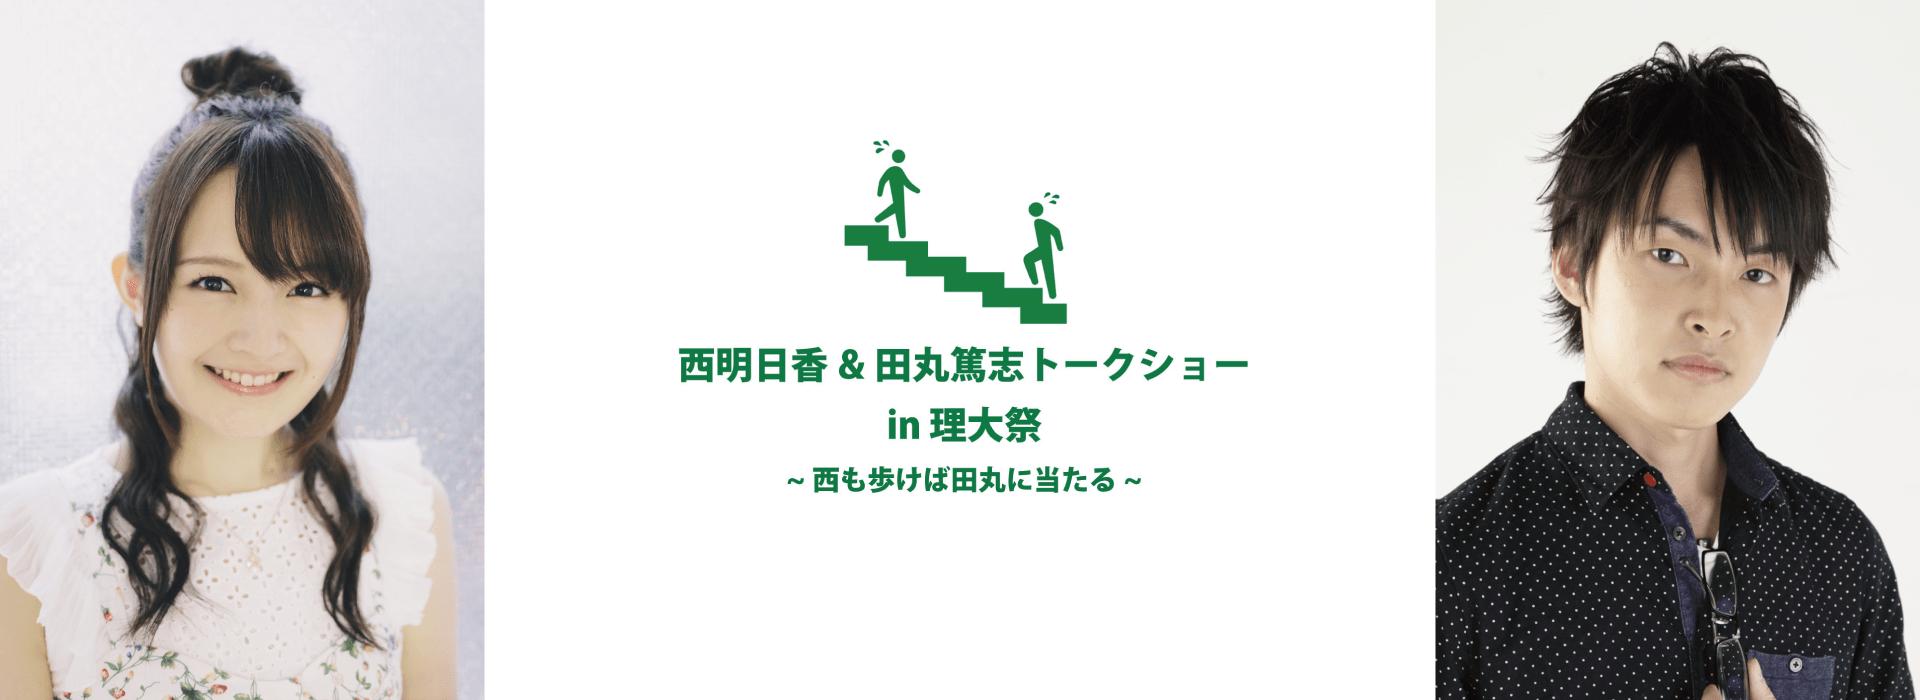 西明日香&田丸篤志トークショー in 理大祭 ~西も歩けば田丸に当たる~